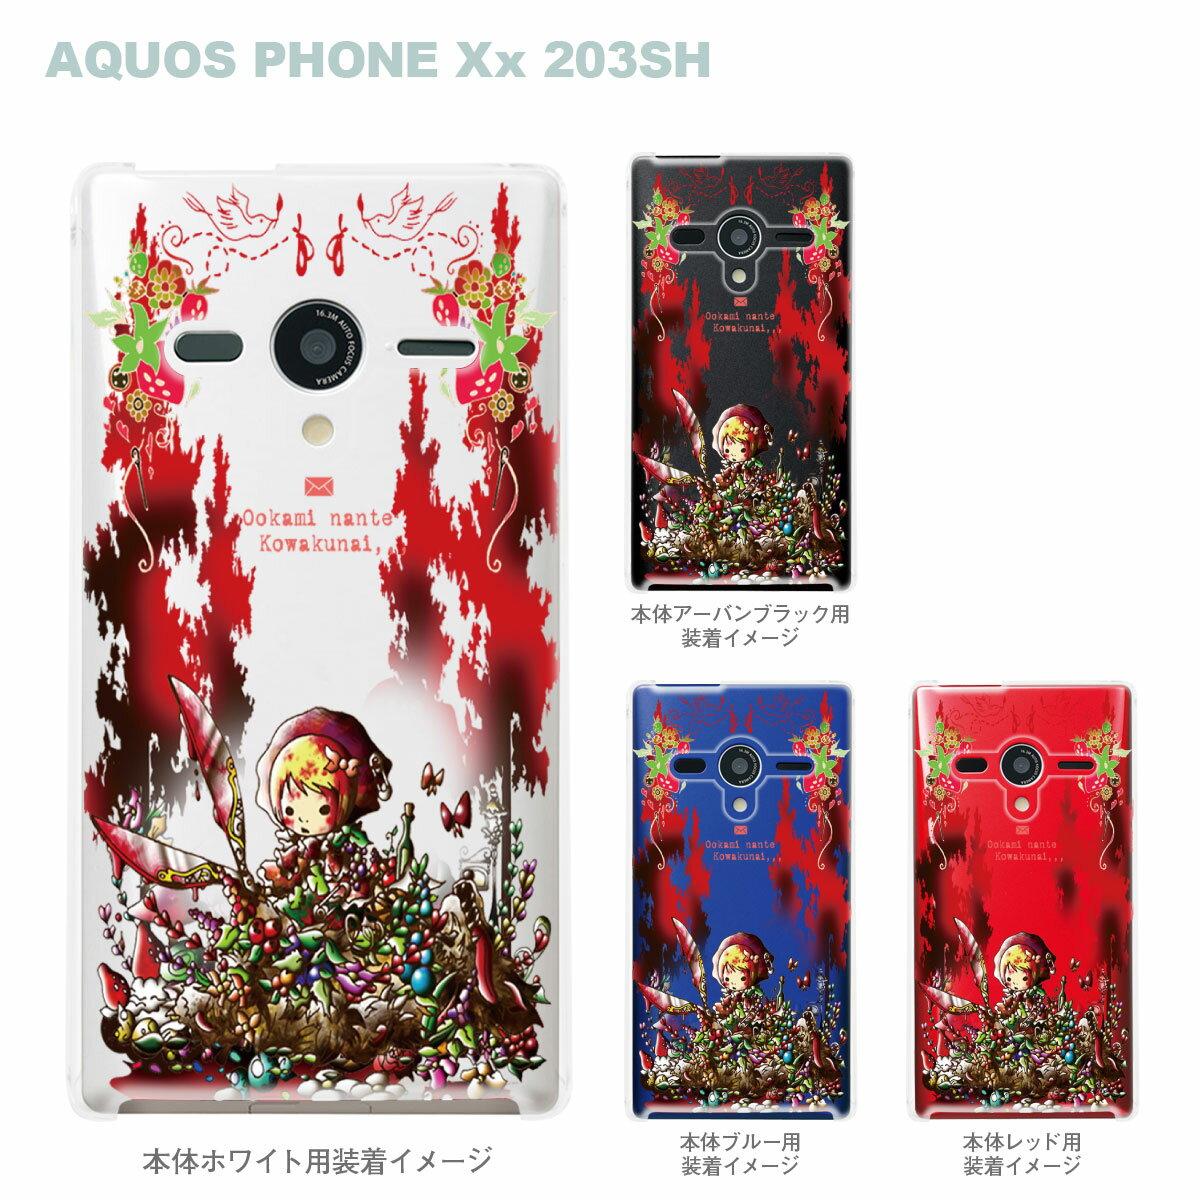 【AQUOS PHONEケース】【203SH】【Soft Bank】【カバー】【スマホケース】【クリアケース】【アート】【Little World】【赤ずきんちゃん】【グリム童話】【オオカミなんてコワクない】 25-203sh-am0027